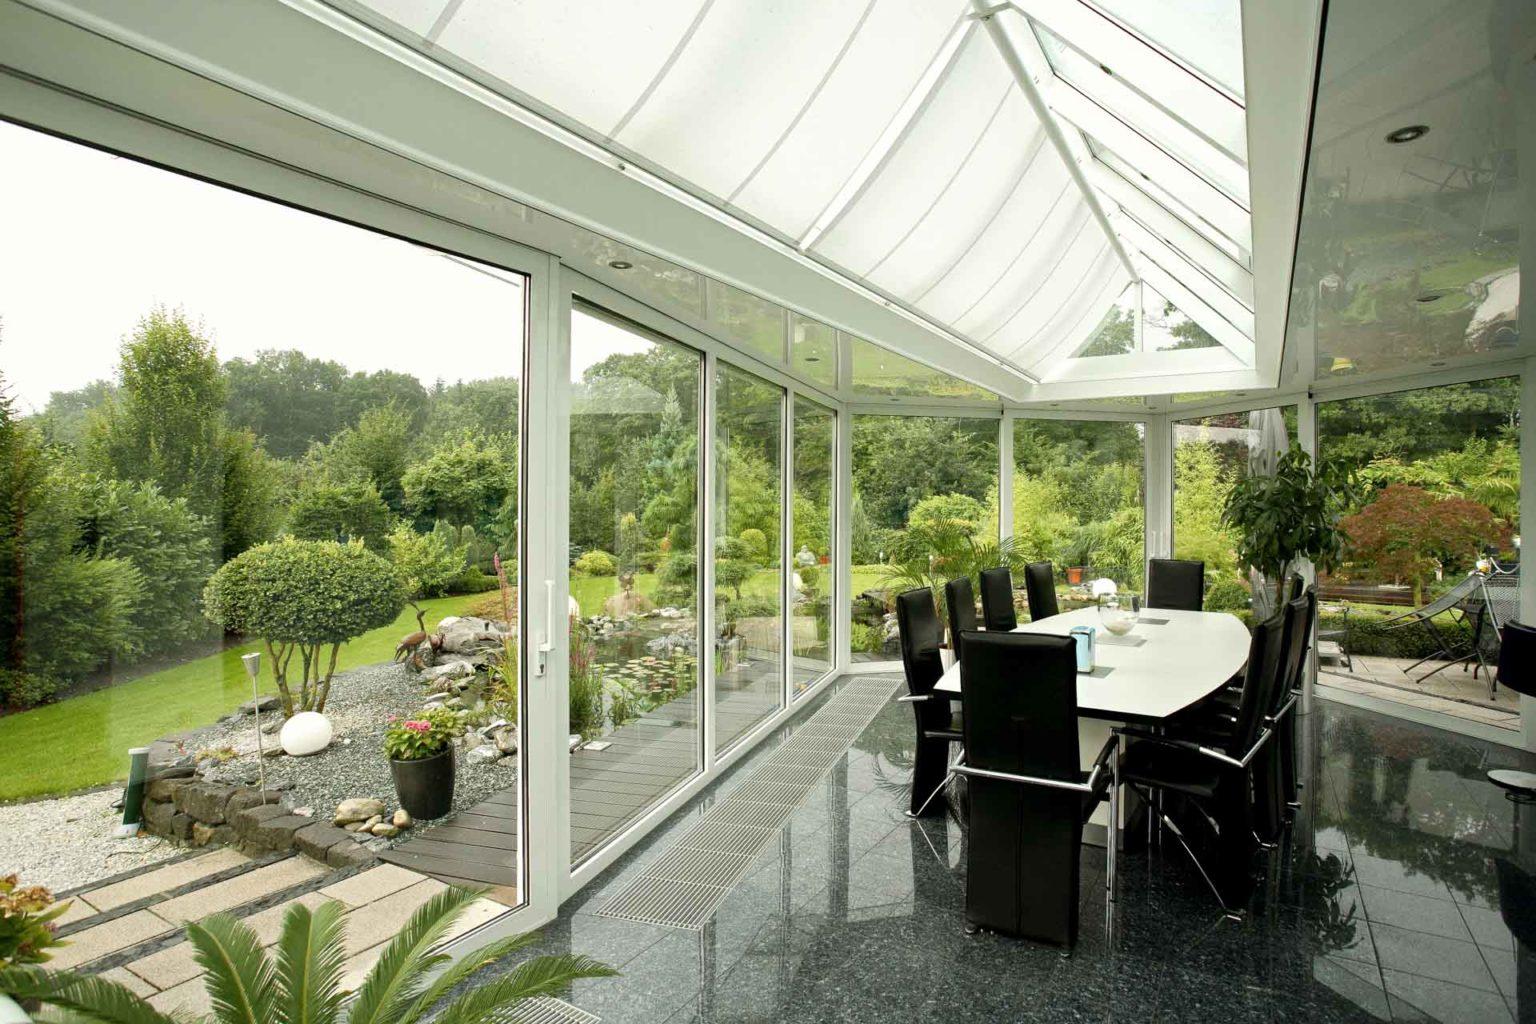 Wintergarten in Haren (Objekt 1010). Wintergarten futuristisch gestaltet in exotischer Gartenlandschaft